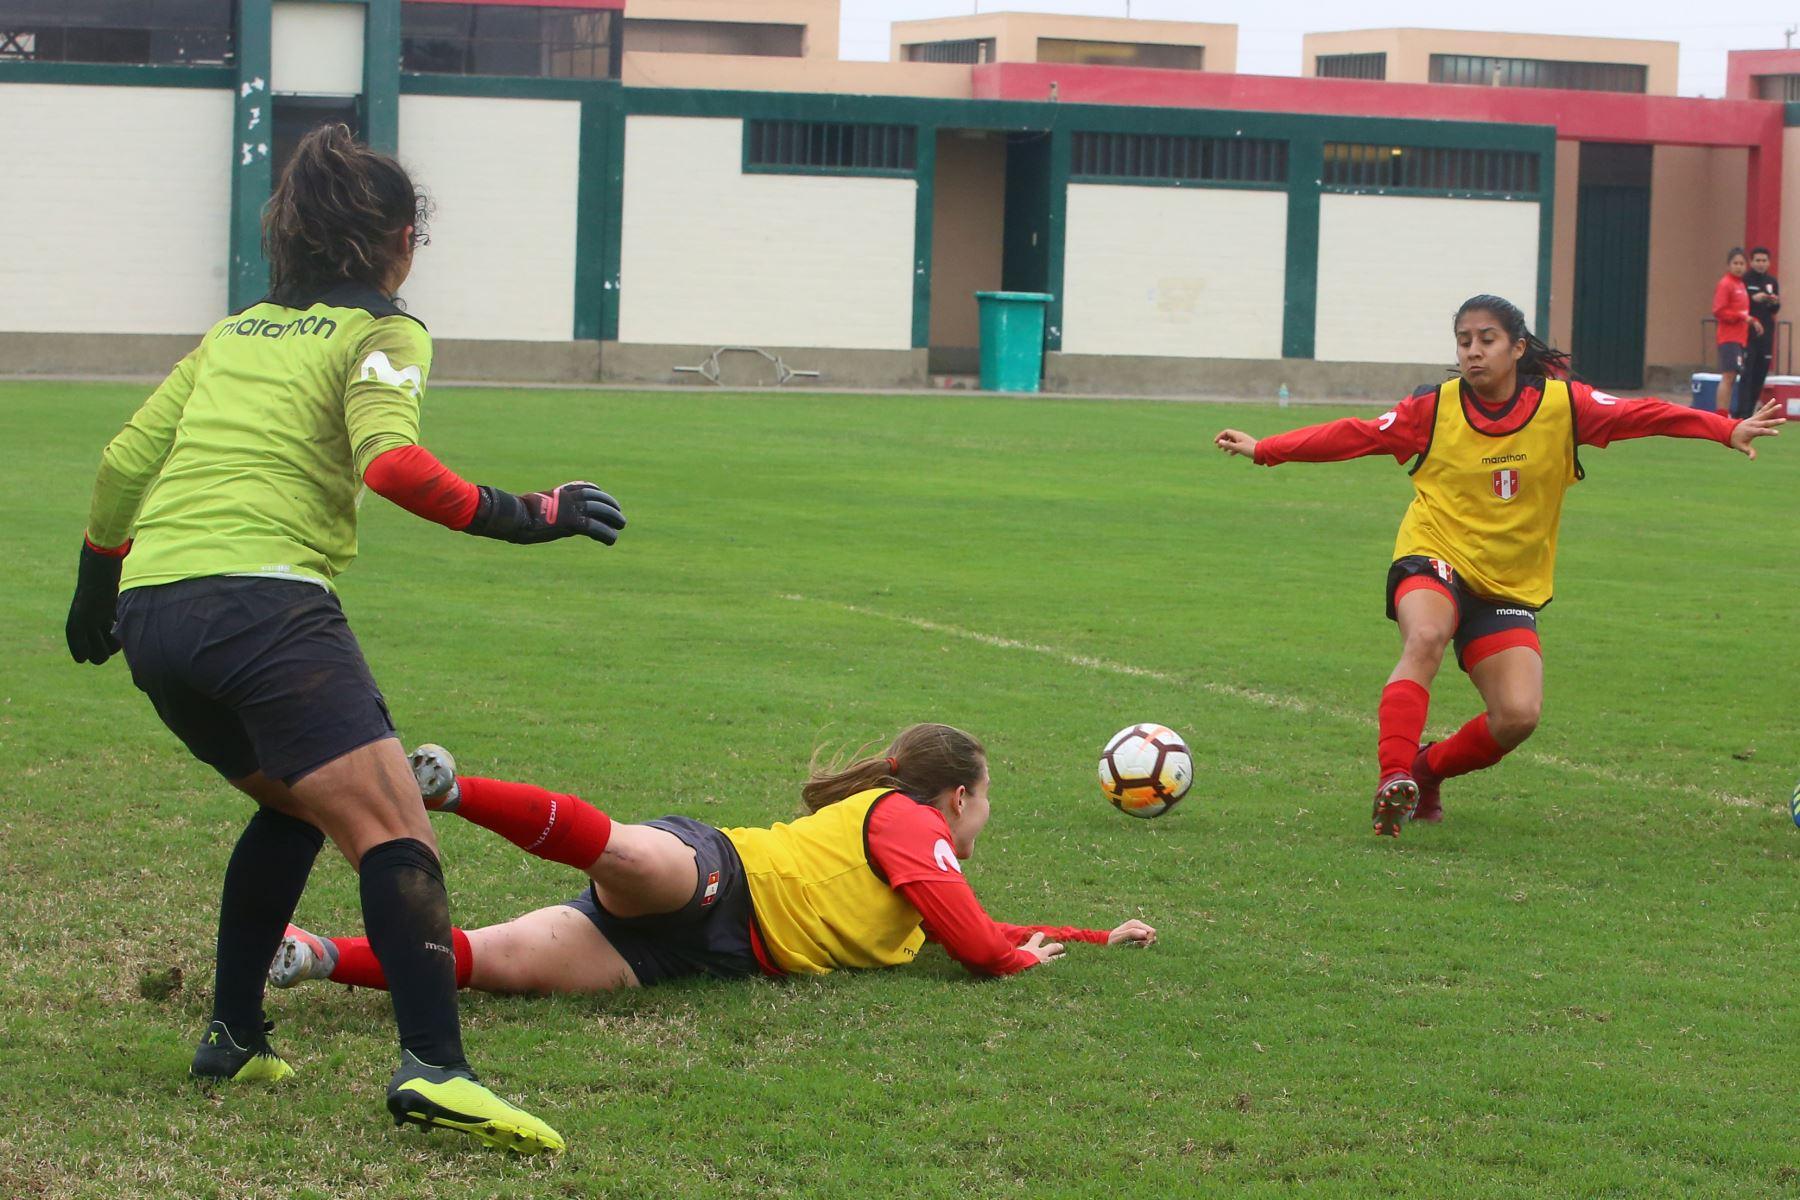 Entrenamiento de la selección peruana de fútbol femenino con miras a Lima 2019 en Chincha- Ica.  Foto: ANDINA/Vidal Tarqui